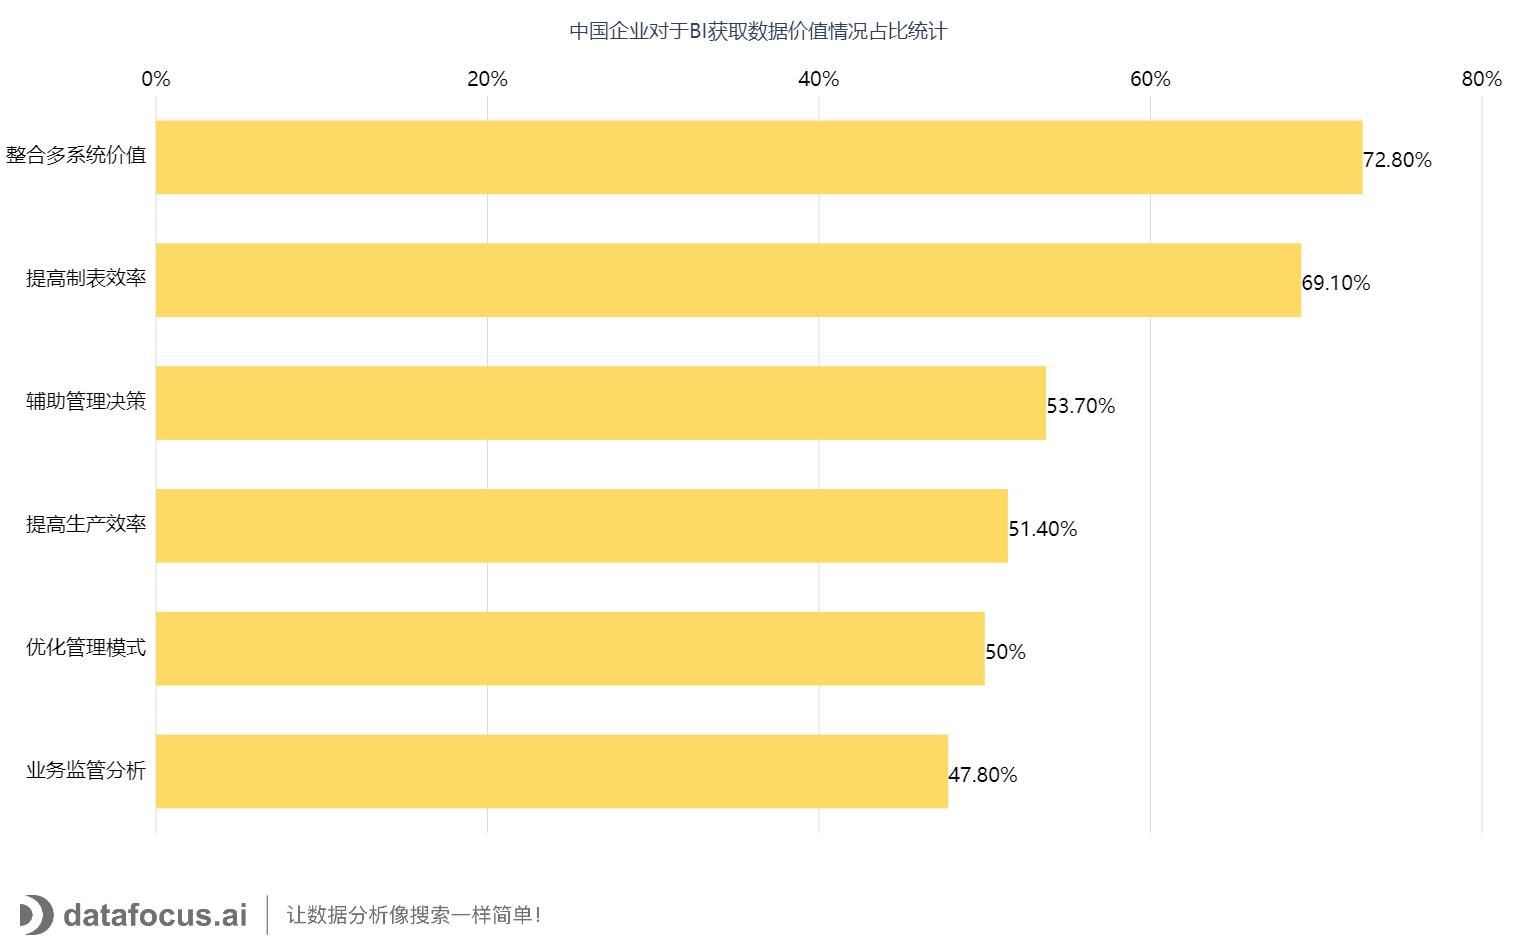 中国企业对于BI获取数据价值情况占比统计 (1)